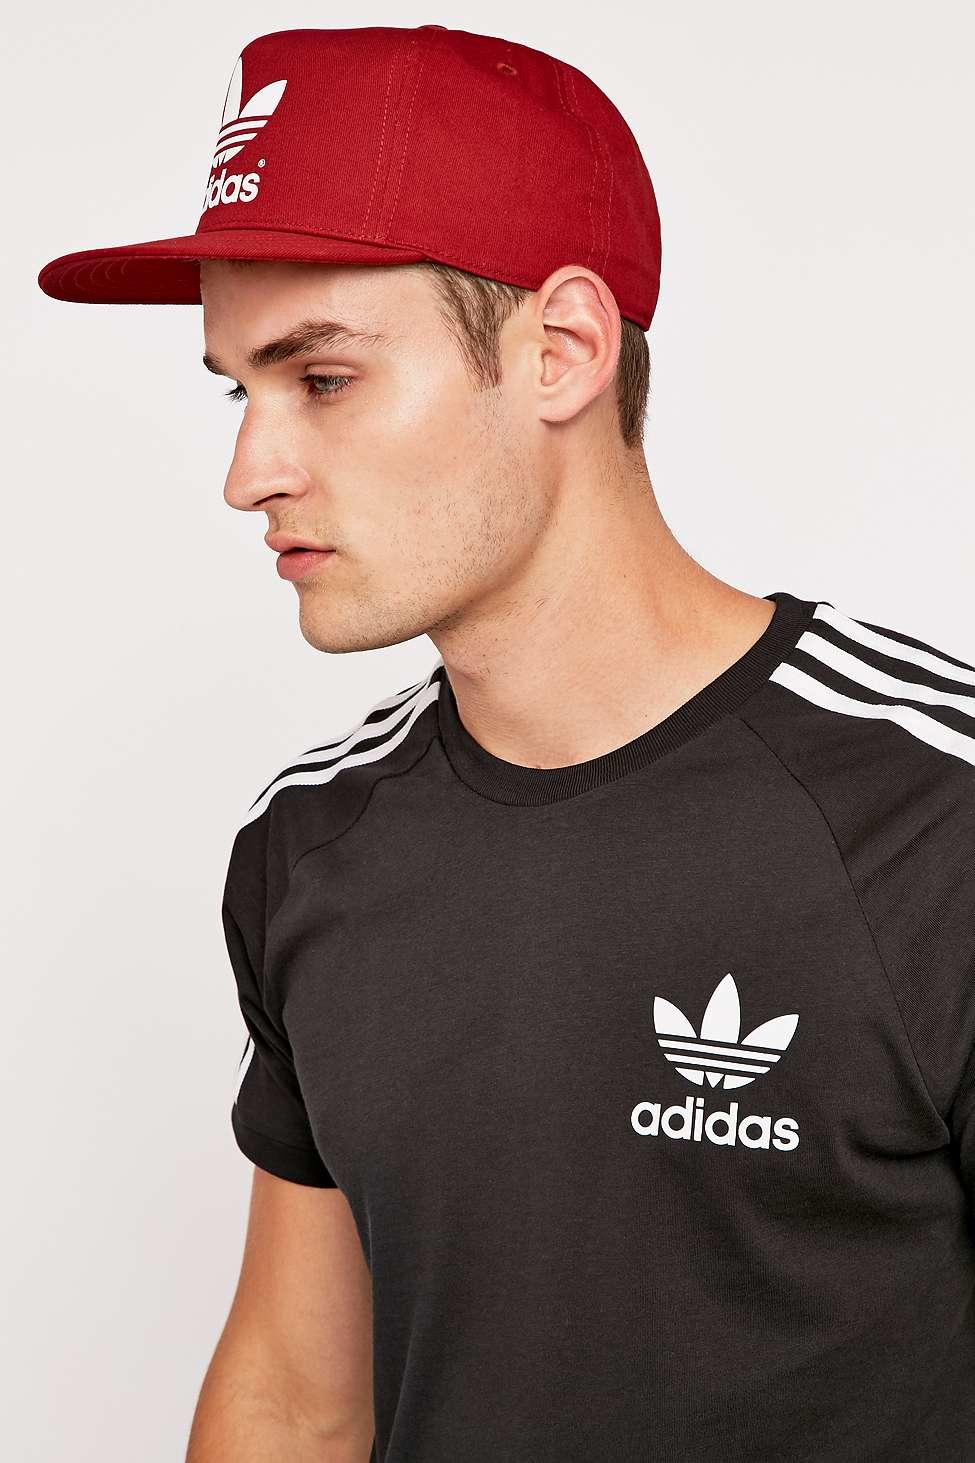 e36516cefdae2 adidas Trefoil Burgundy Snapback Cap in Red for Men - Lyst